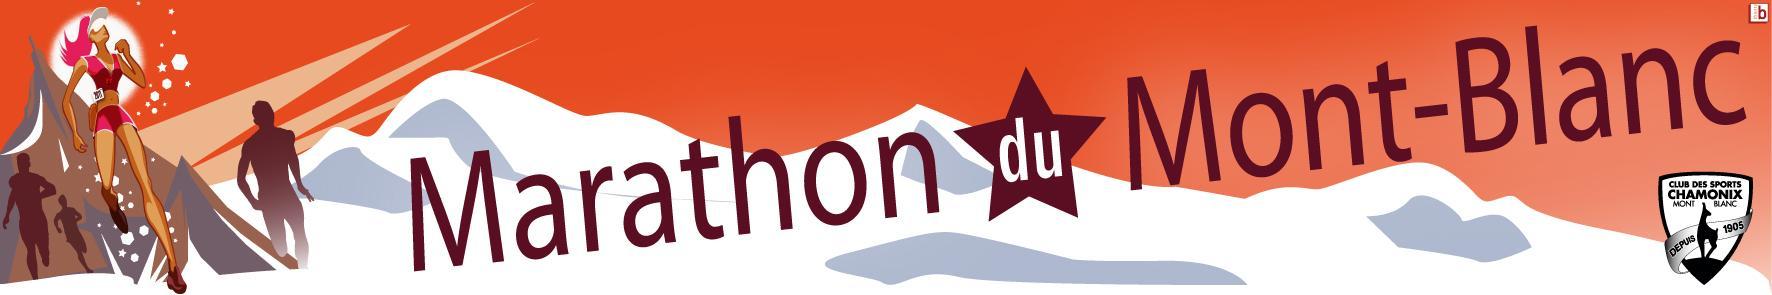 Conférence sur le barefoot pour le trail au marathon du Mont Blanc